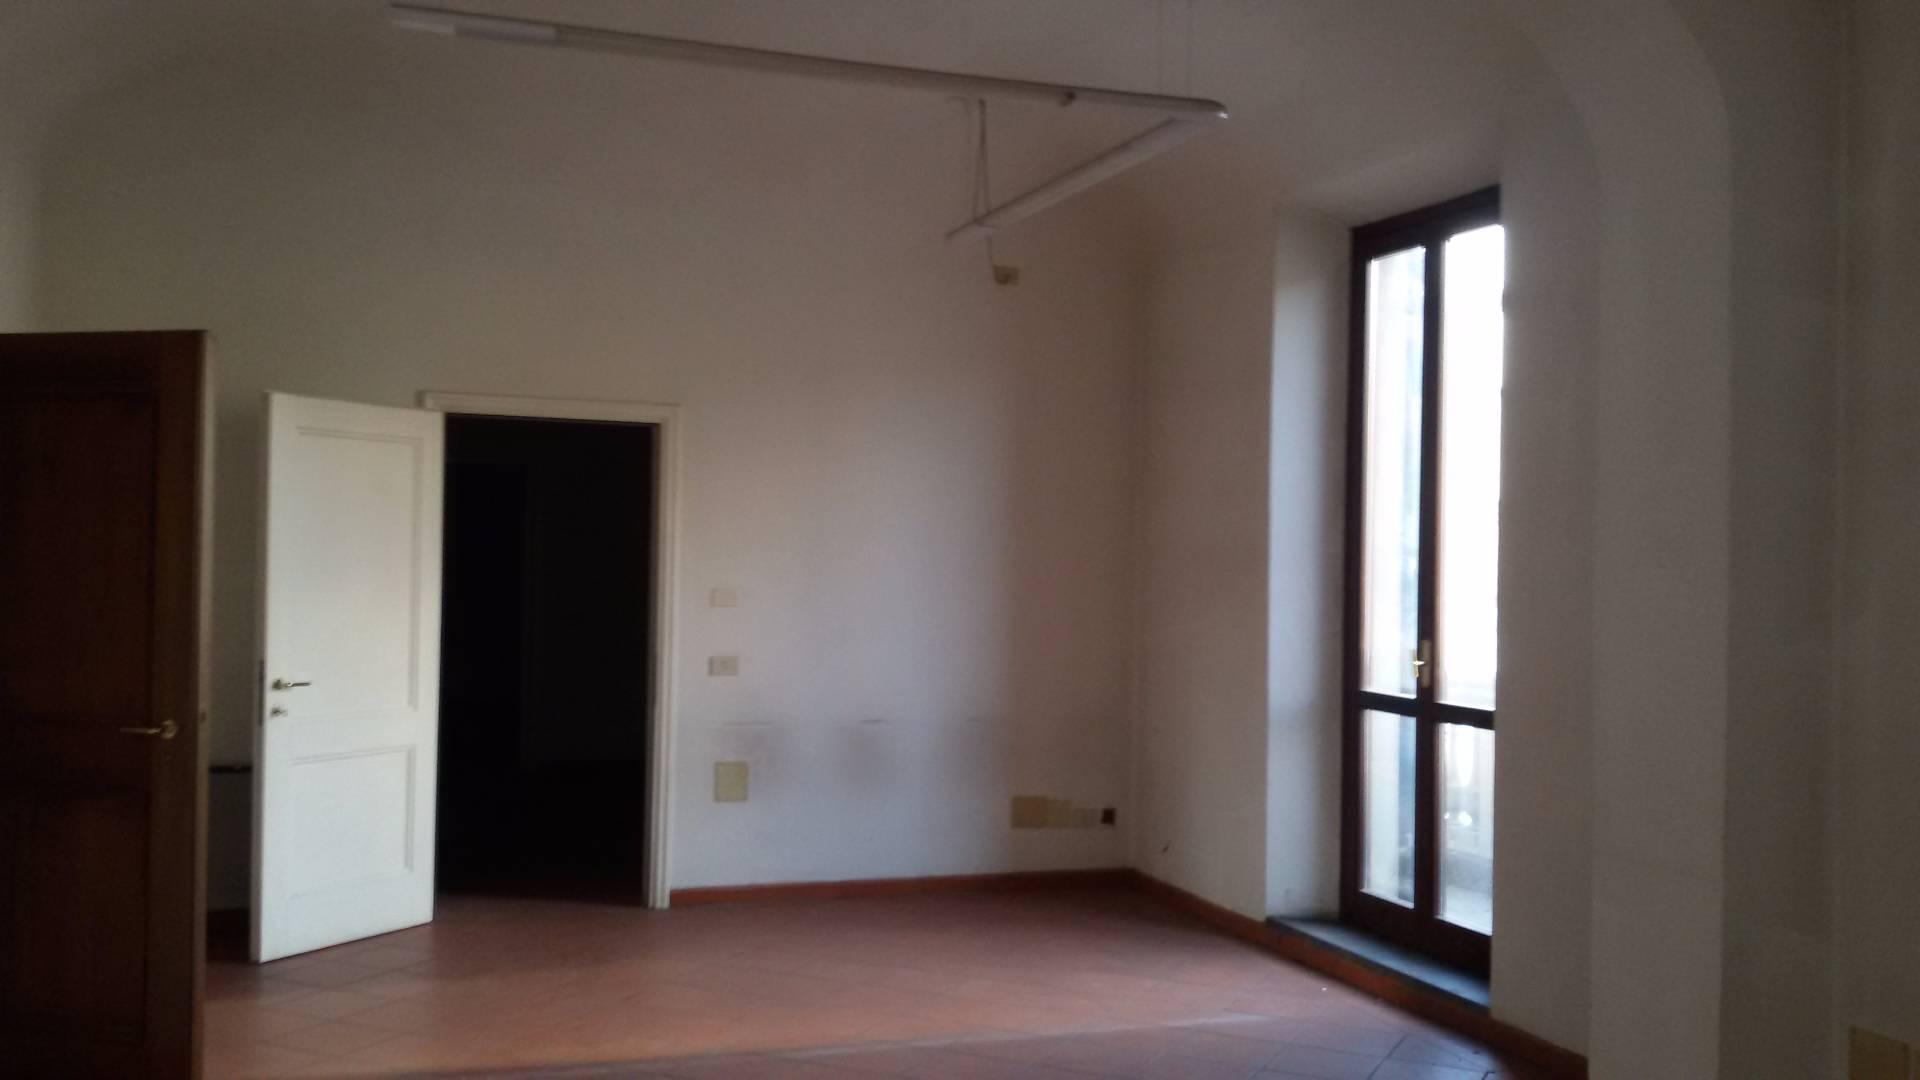 Ufficio / Studio in affitto a Castelfiorentino, 9999 locali, prezzo € 2.000 | Cambio Casa.it